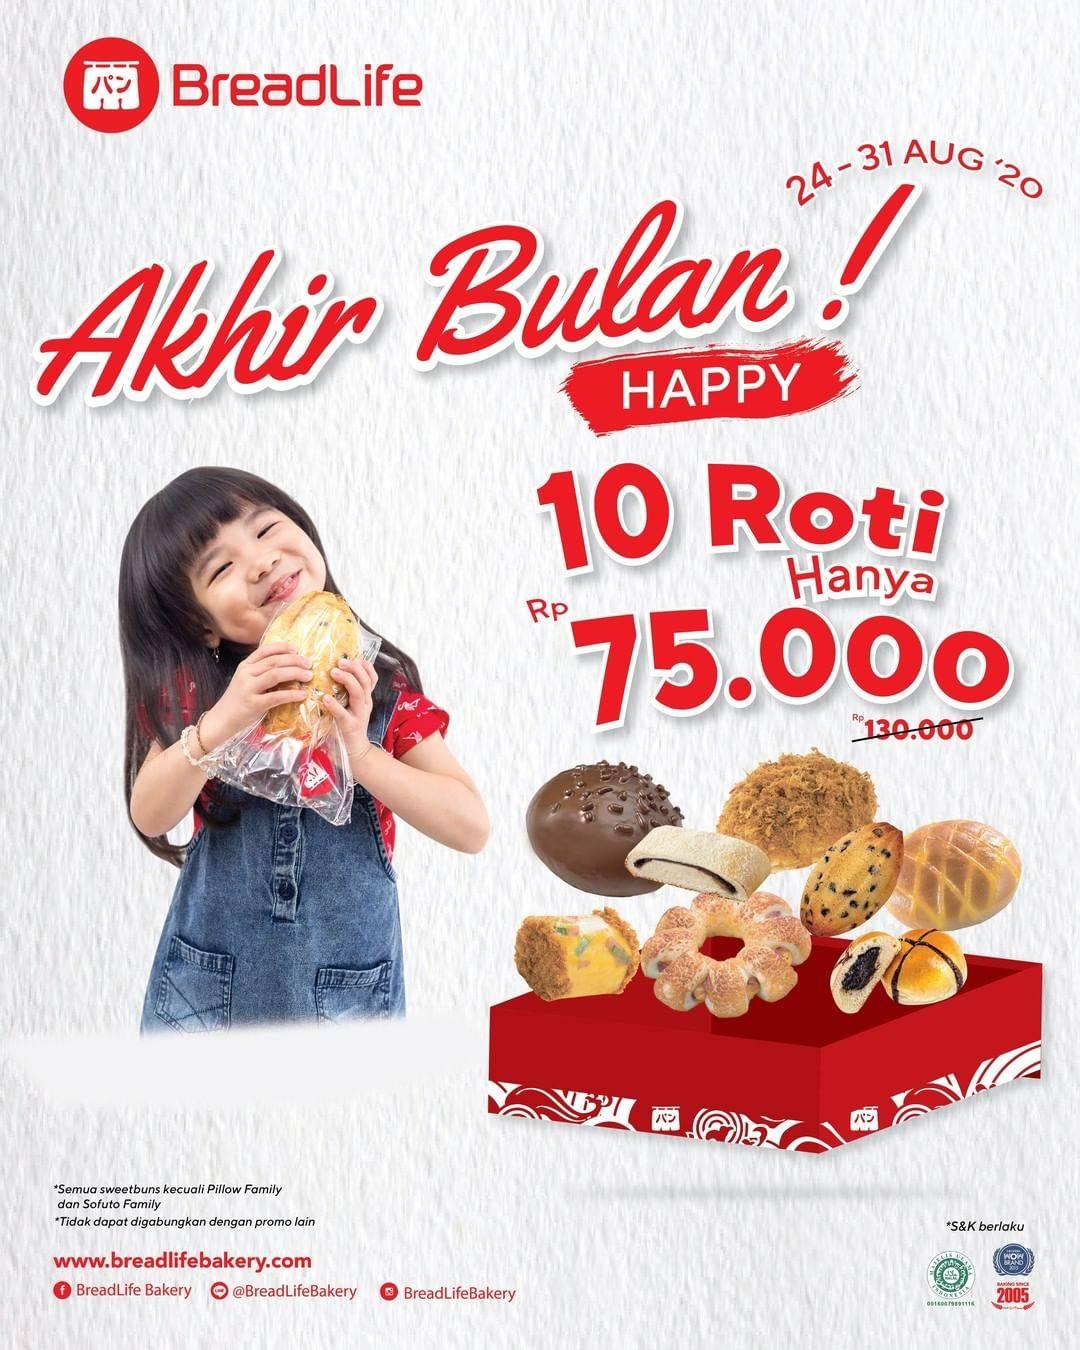 Diskon Breadlife 10 Roti Hanya Rp. 75.000